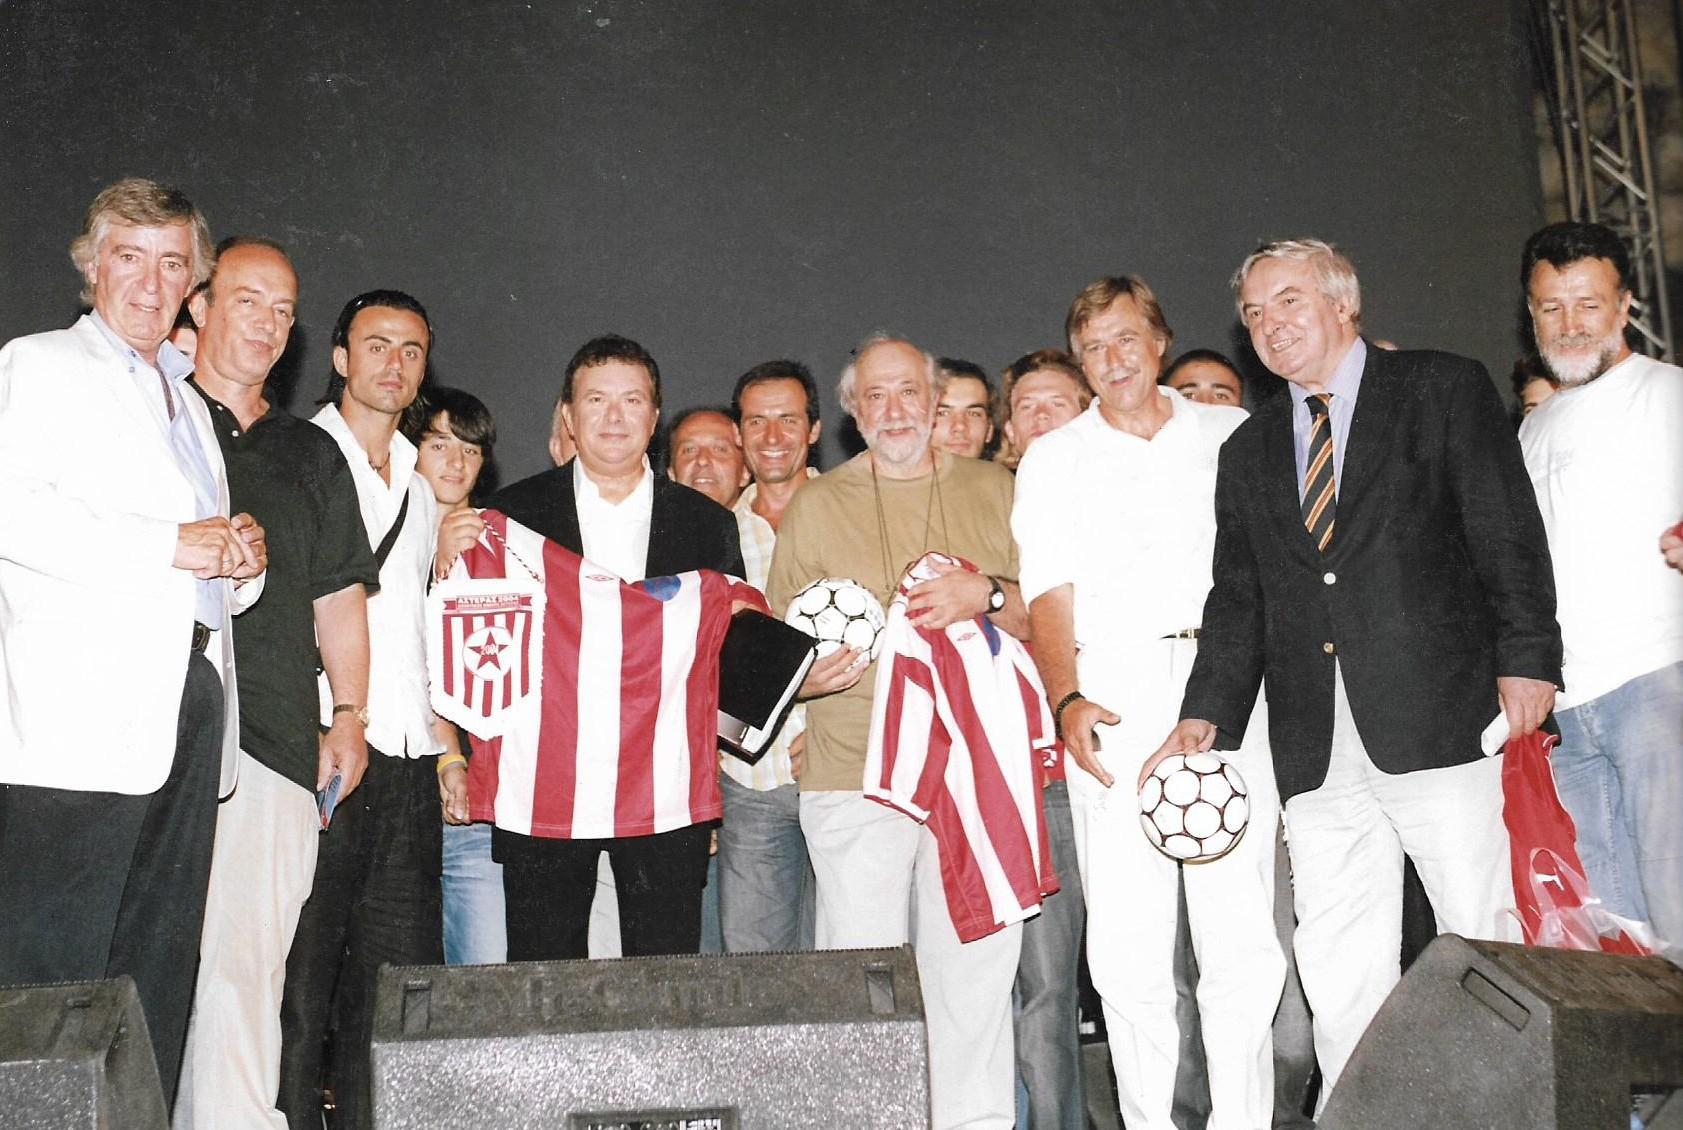 Ο Αστέρας 2004 στο Ηρώδειο